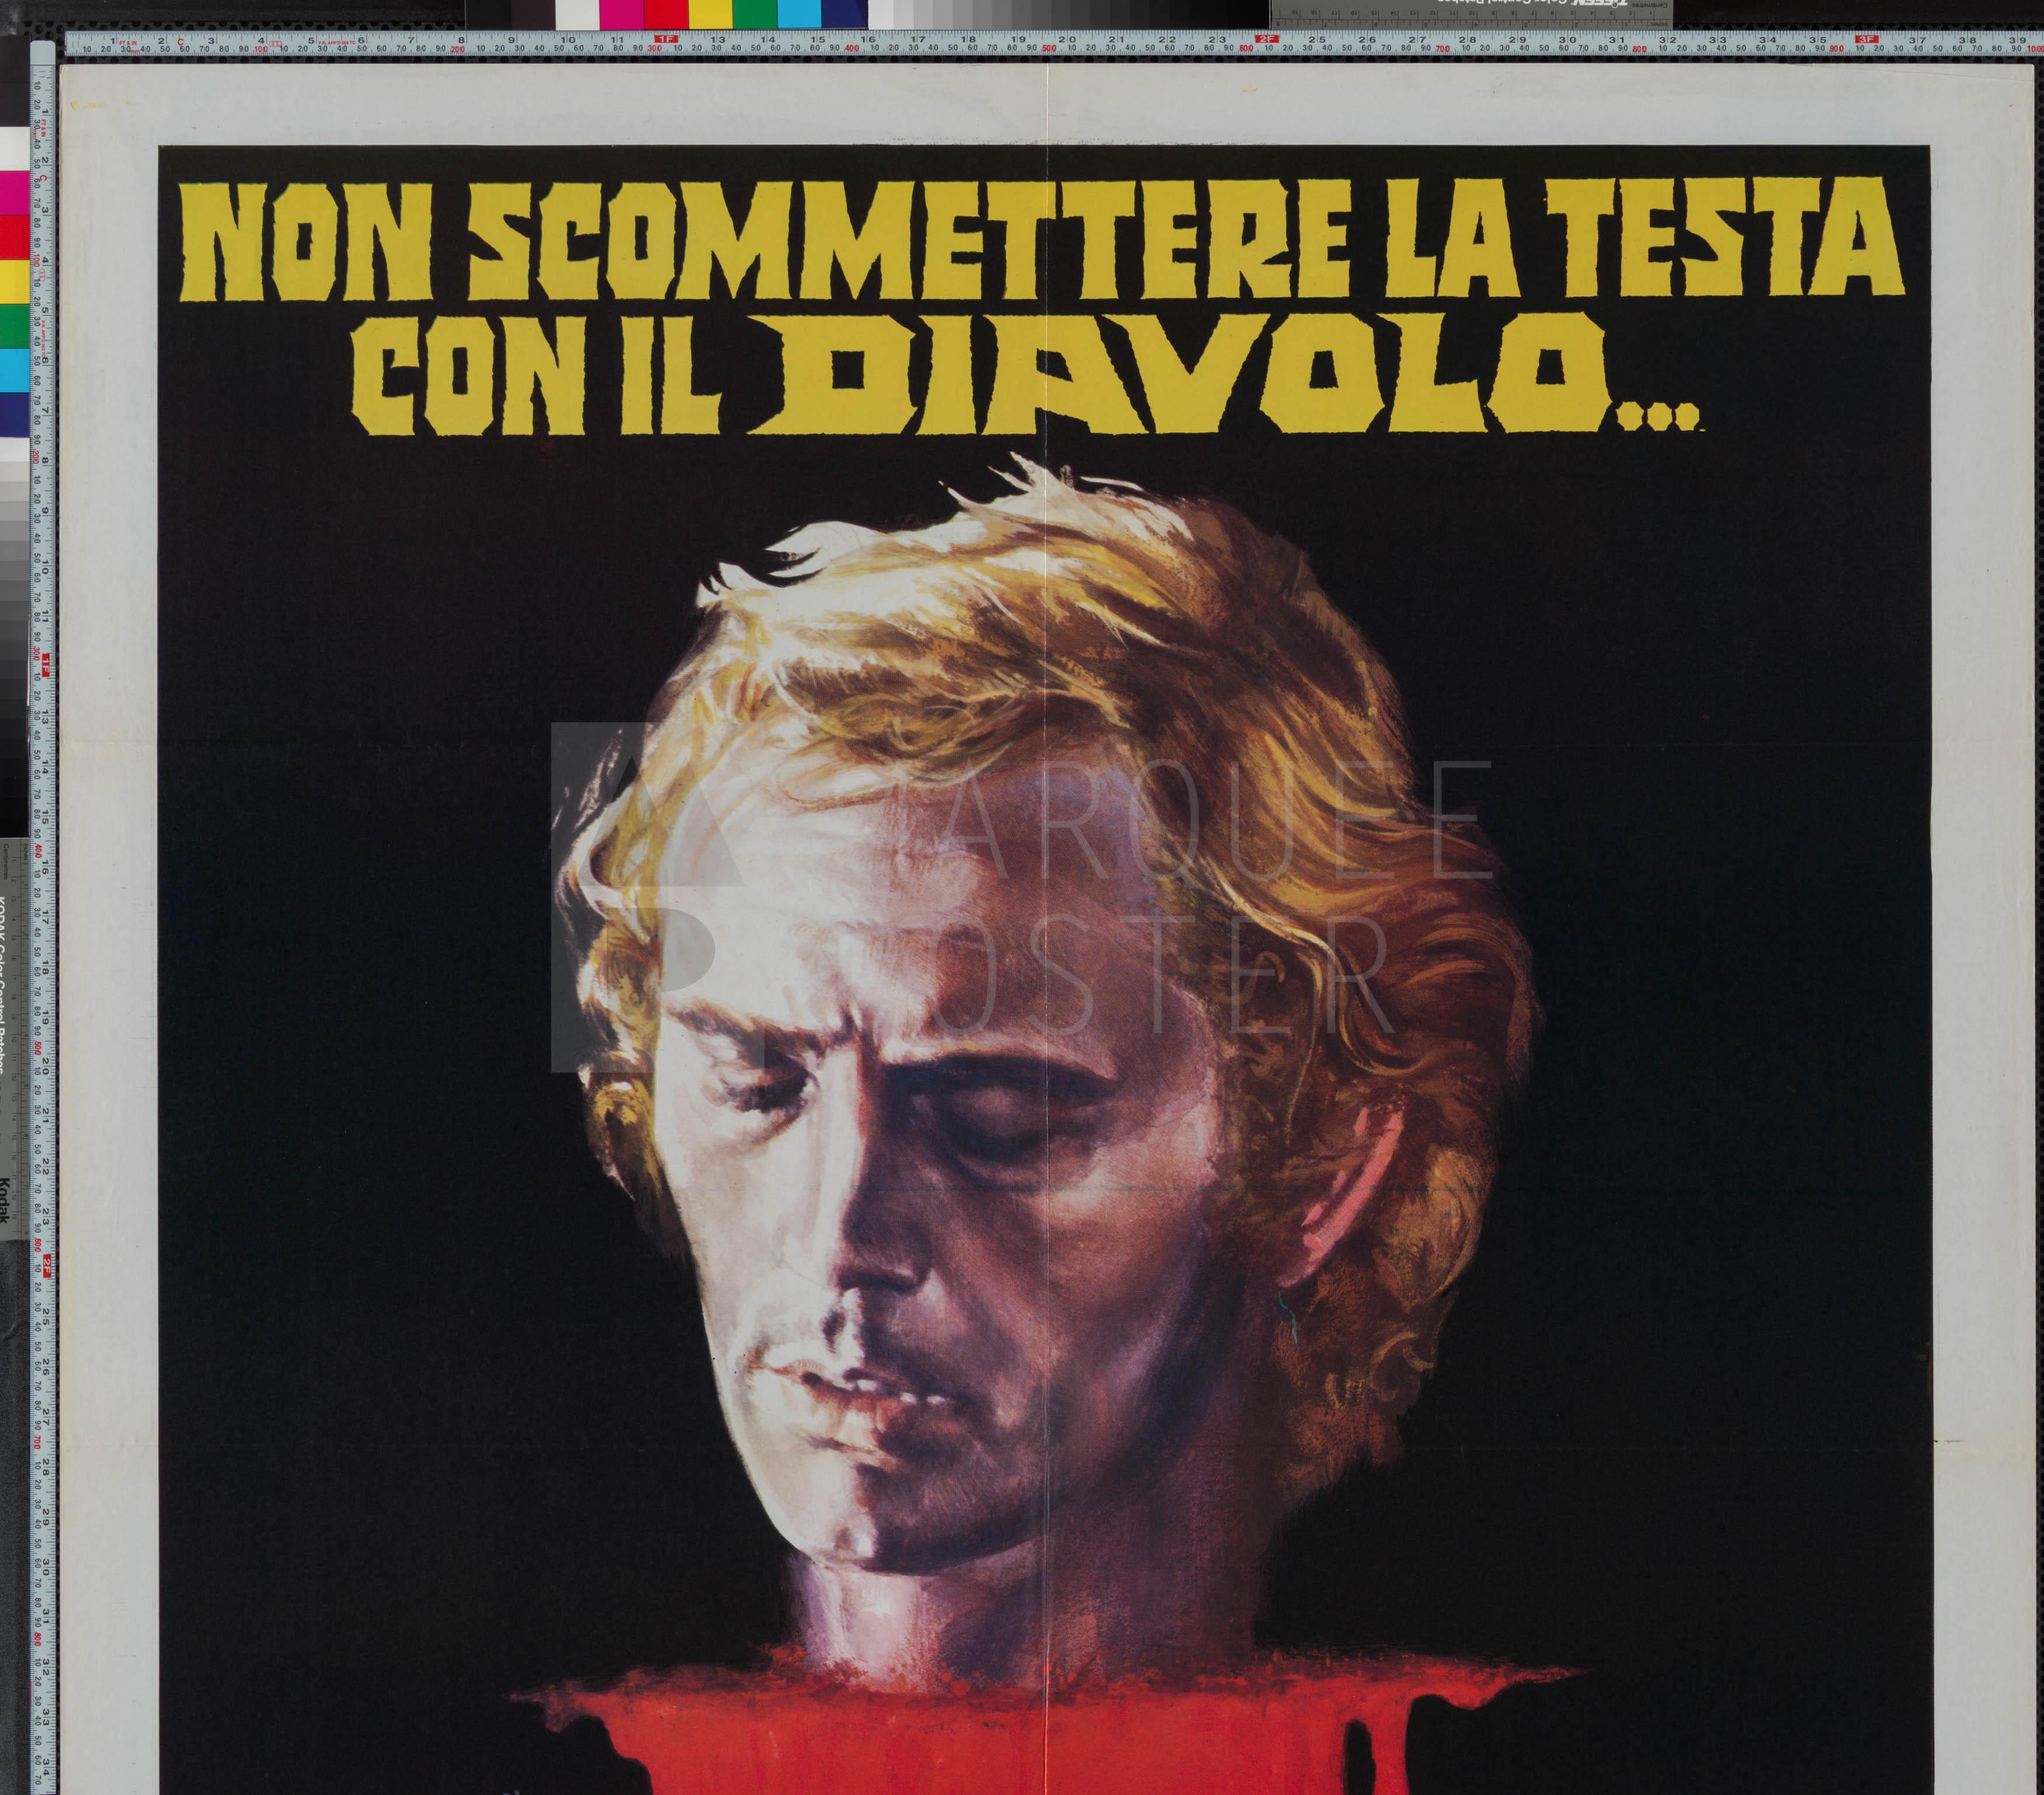 13-spirits-of-the-dead-2-fellini-2-re-release-italian-2-foglio-1977-02